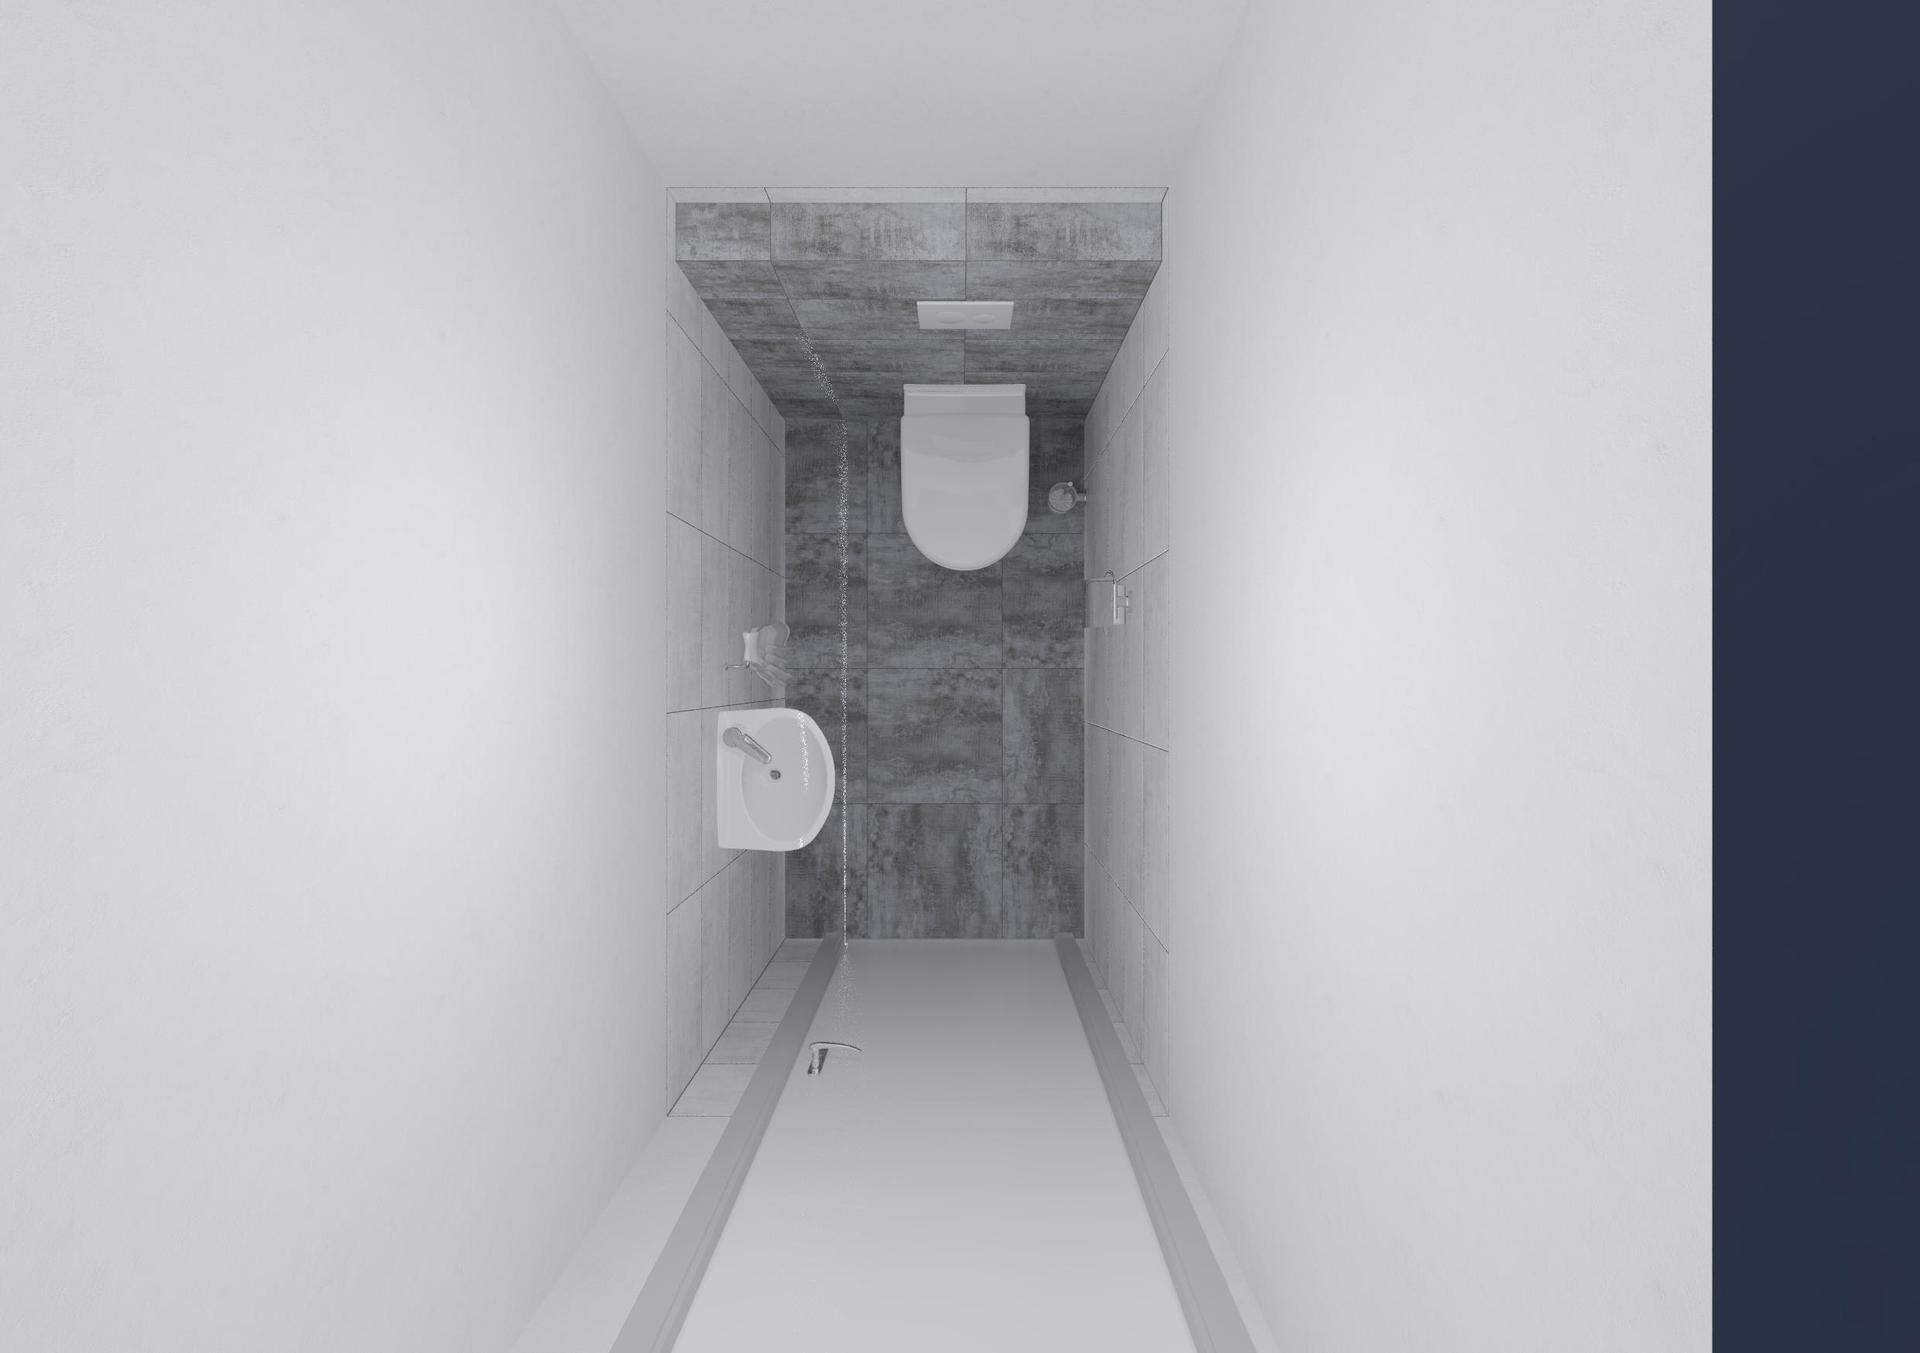 Koupelna a toaleta - návrh - Obrázek č. 6